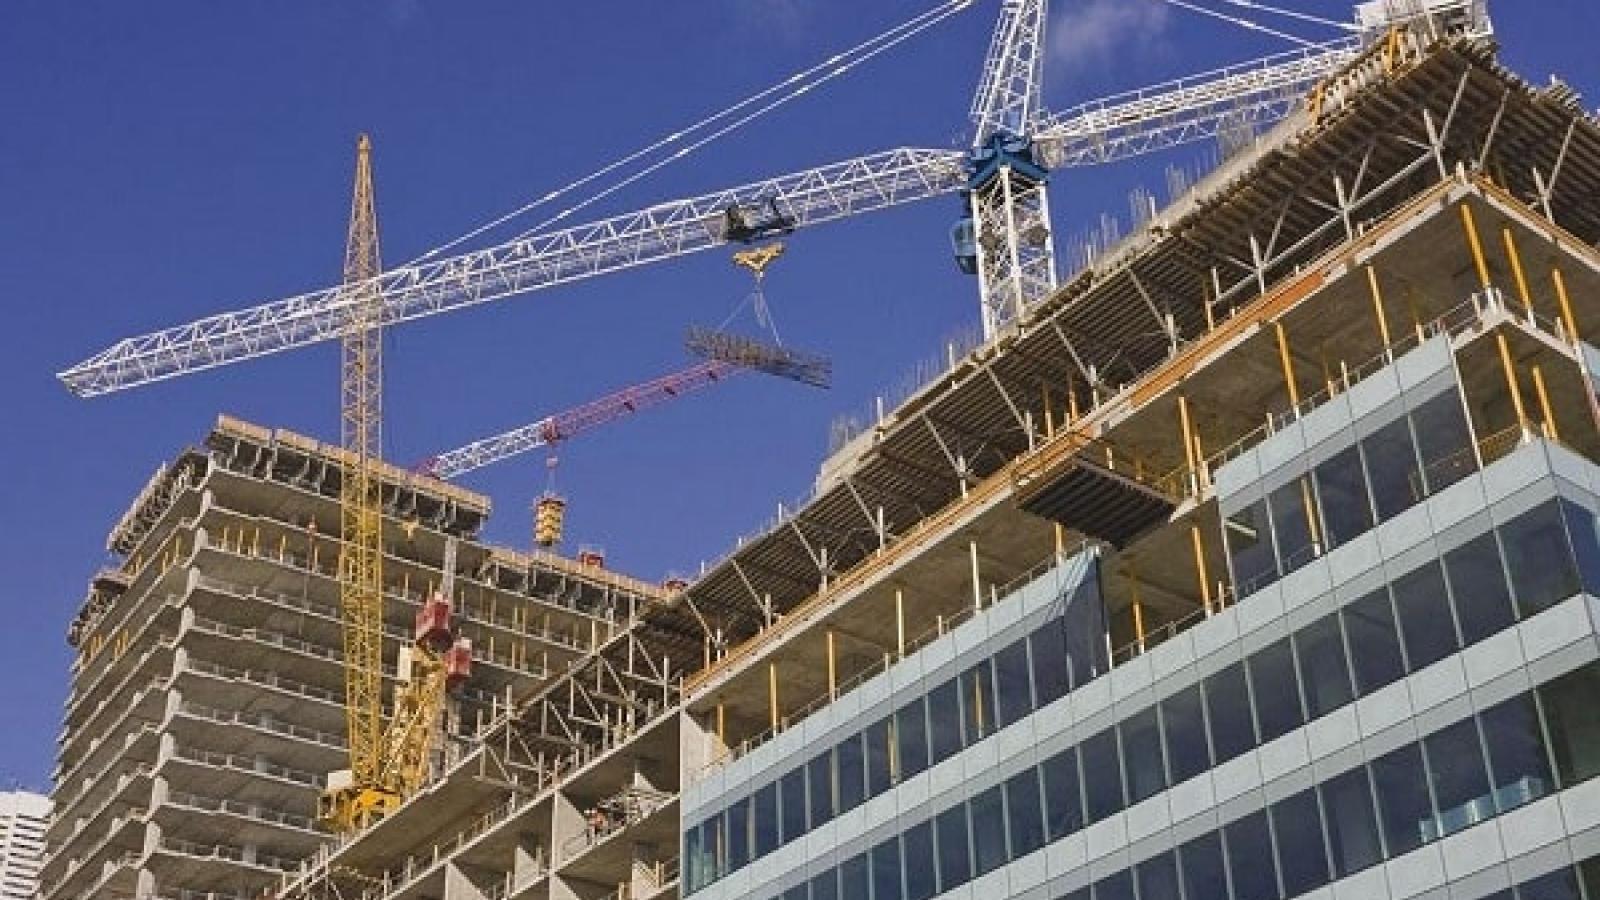 Điểm nghẽn trong cấp phép xây đựng đang làm khó cho doanh nghiệp